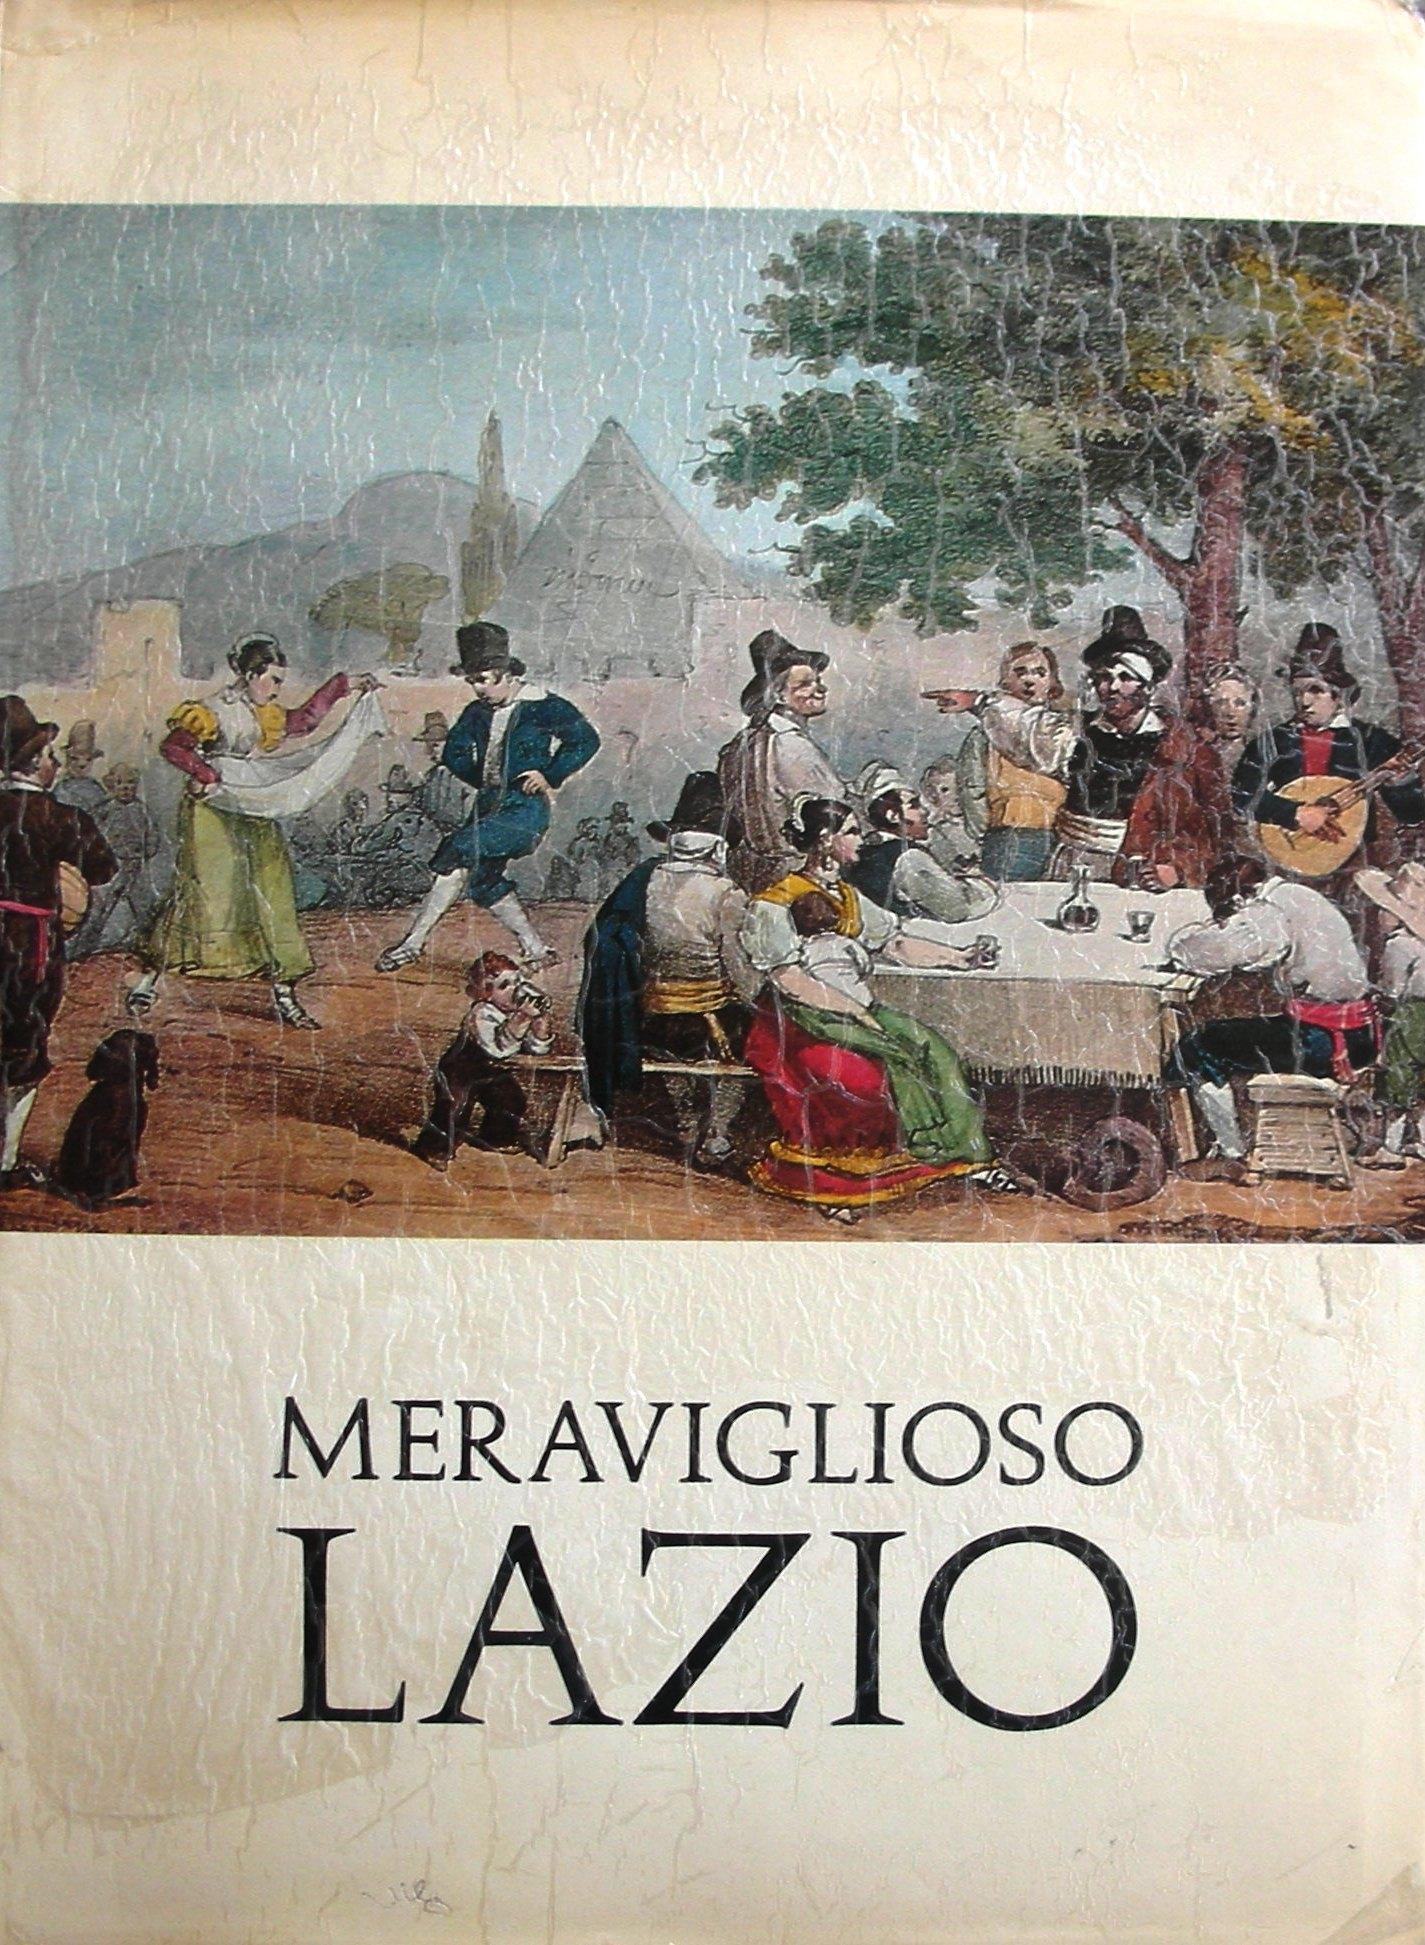 Meraviglioso Lazio